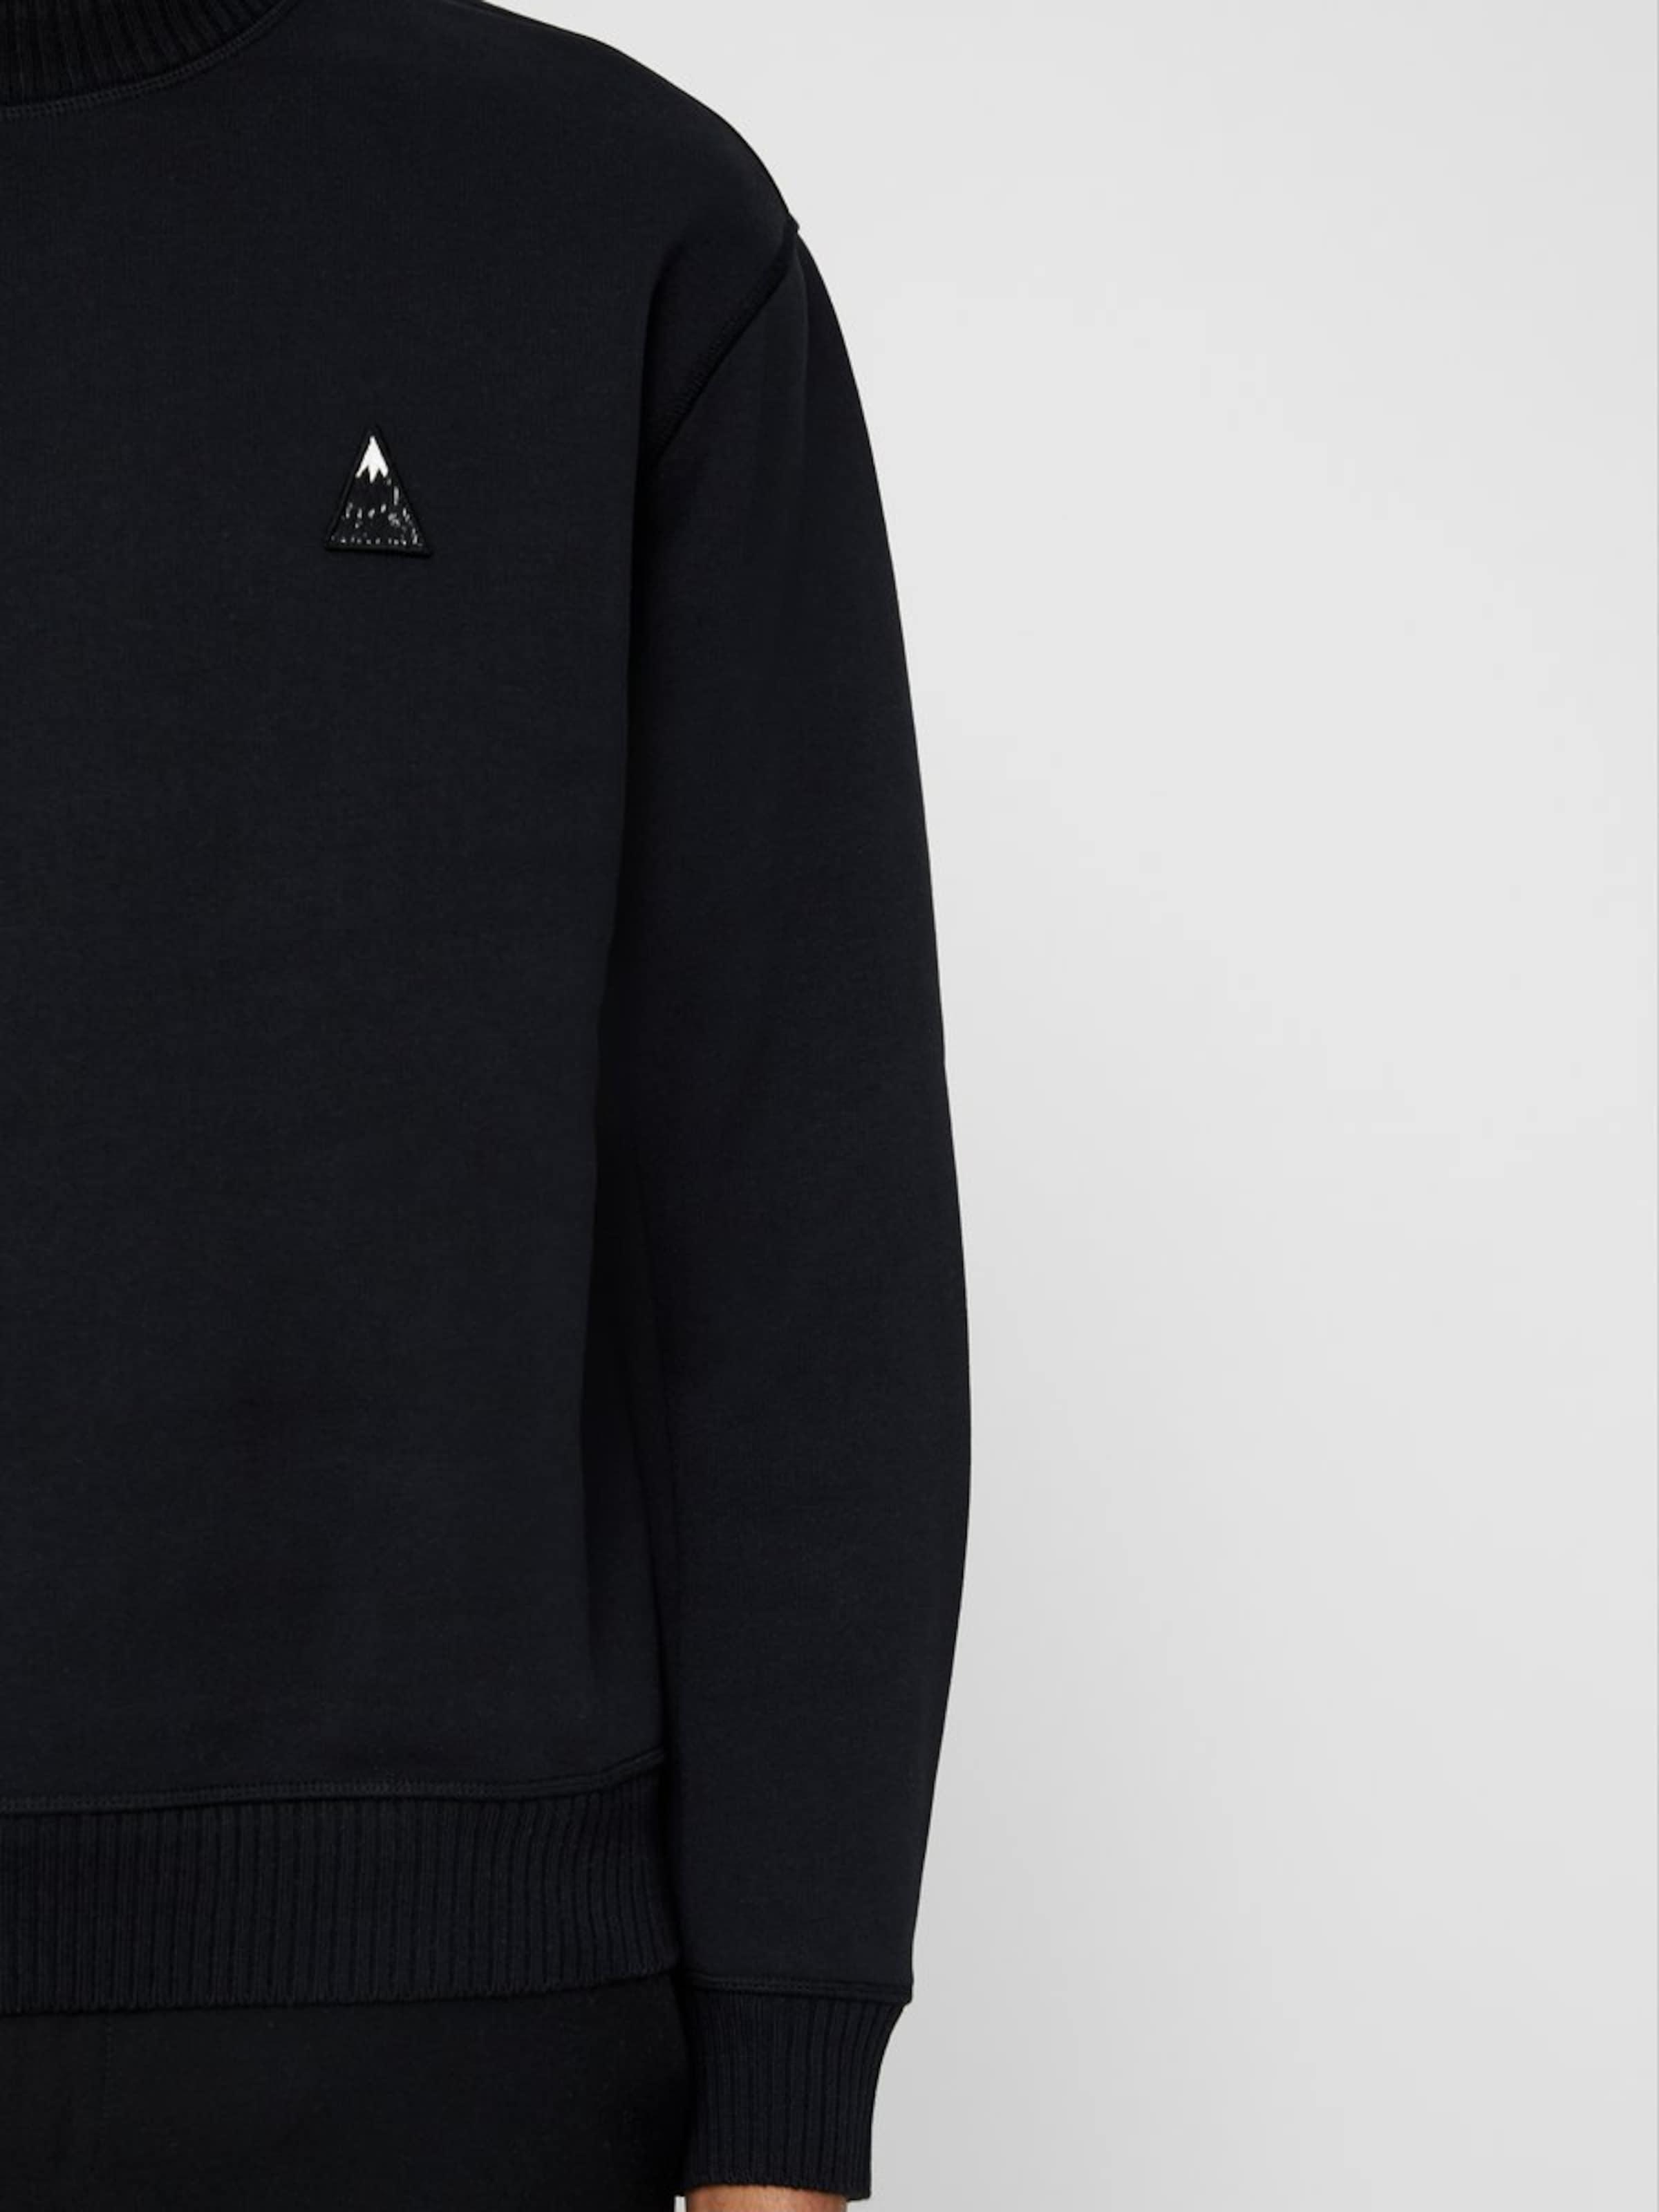 'scott' shirt J lindeberg Sweat Noir En 54j3RLScAq